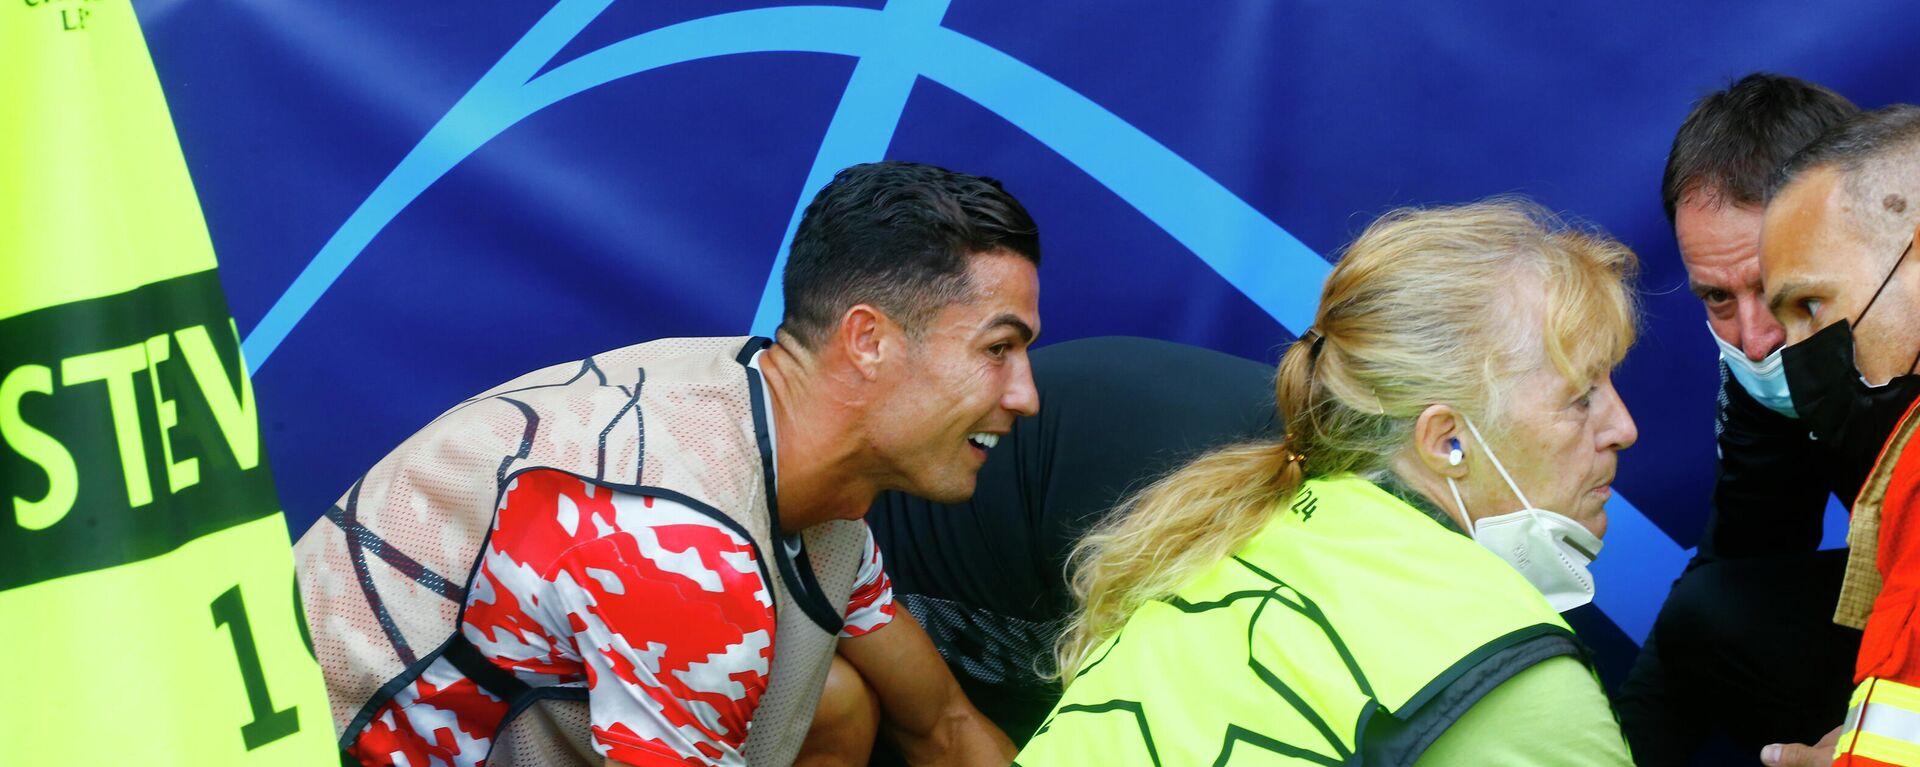 Cristiano Ronaldo trifft beim Einwärmen eine Ordnerin. - SNA, 1920, 15.09.2021